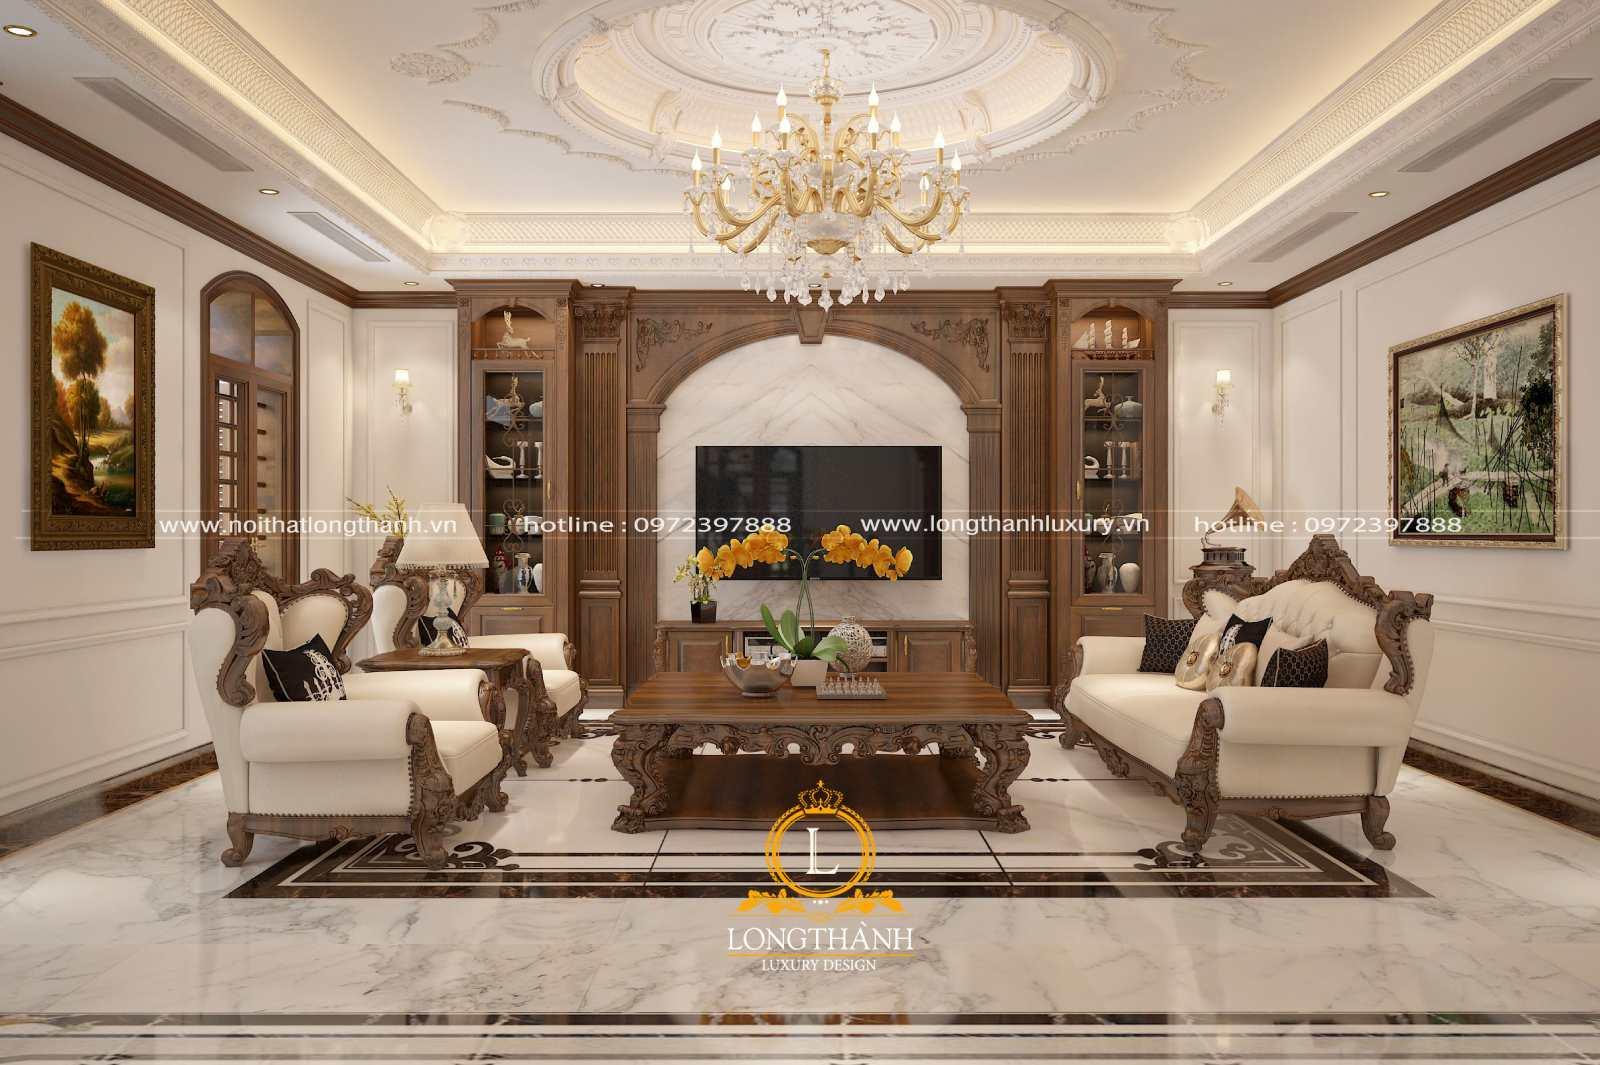 Sofa phòng khách đẹp phù hợp phong thủy và công năng sử dụng